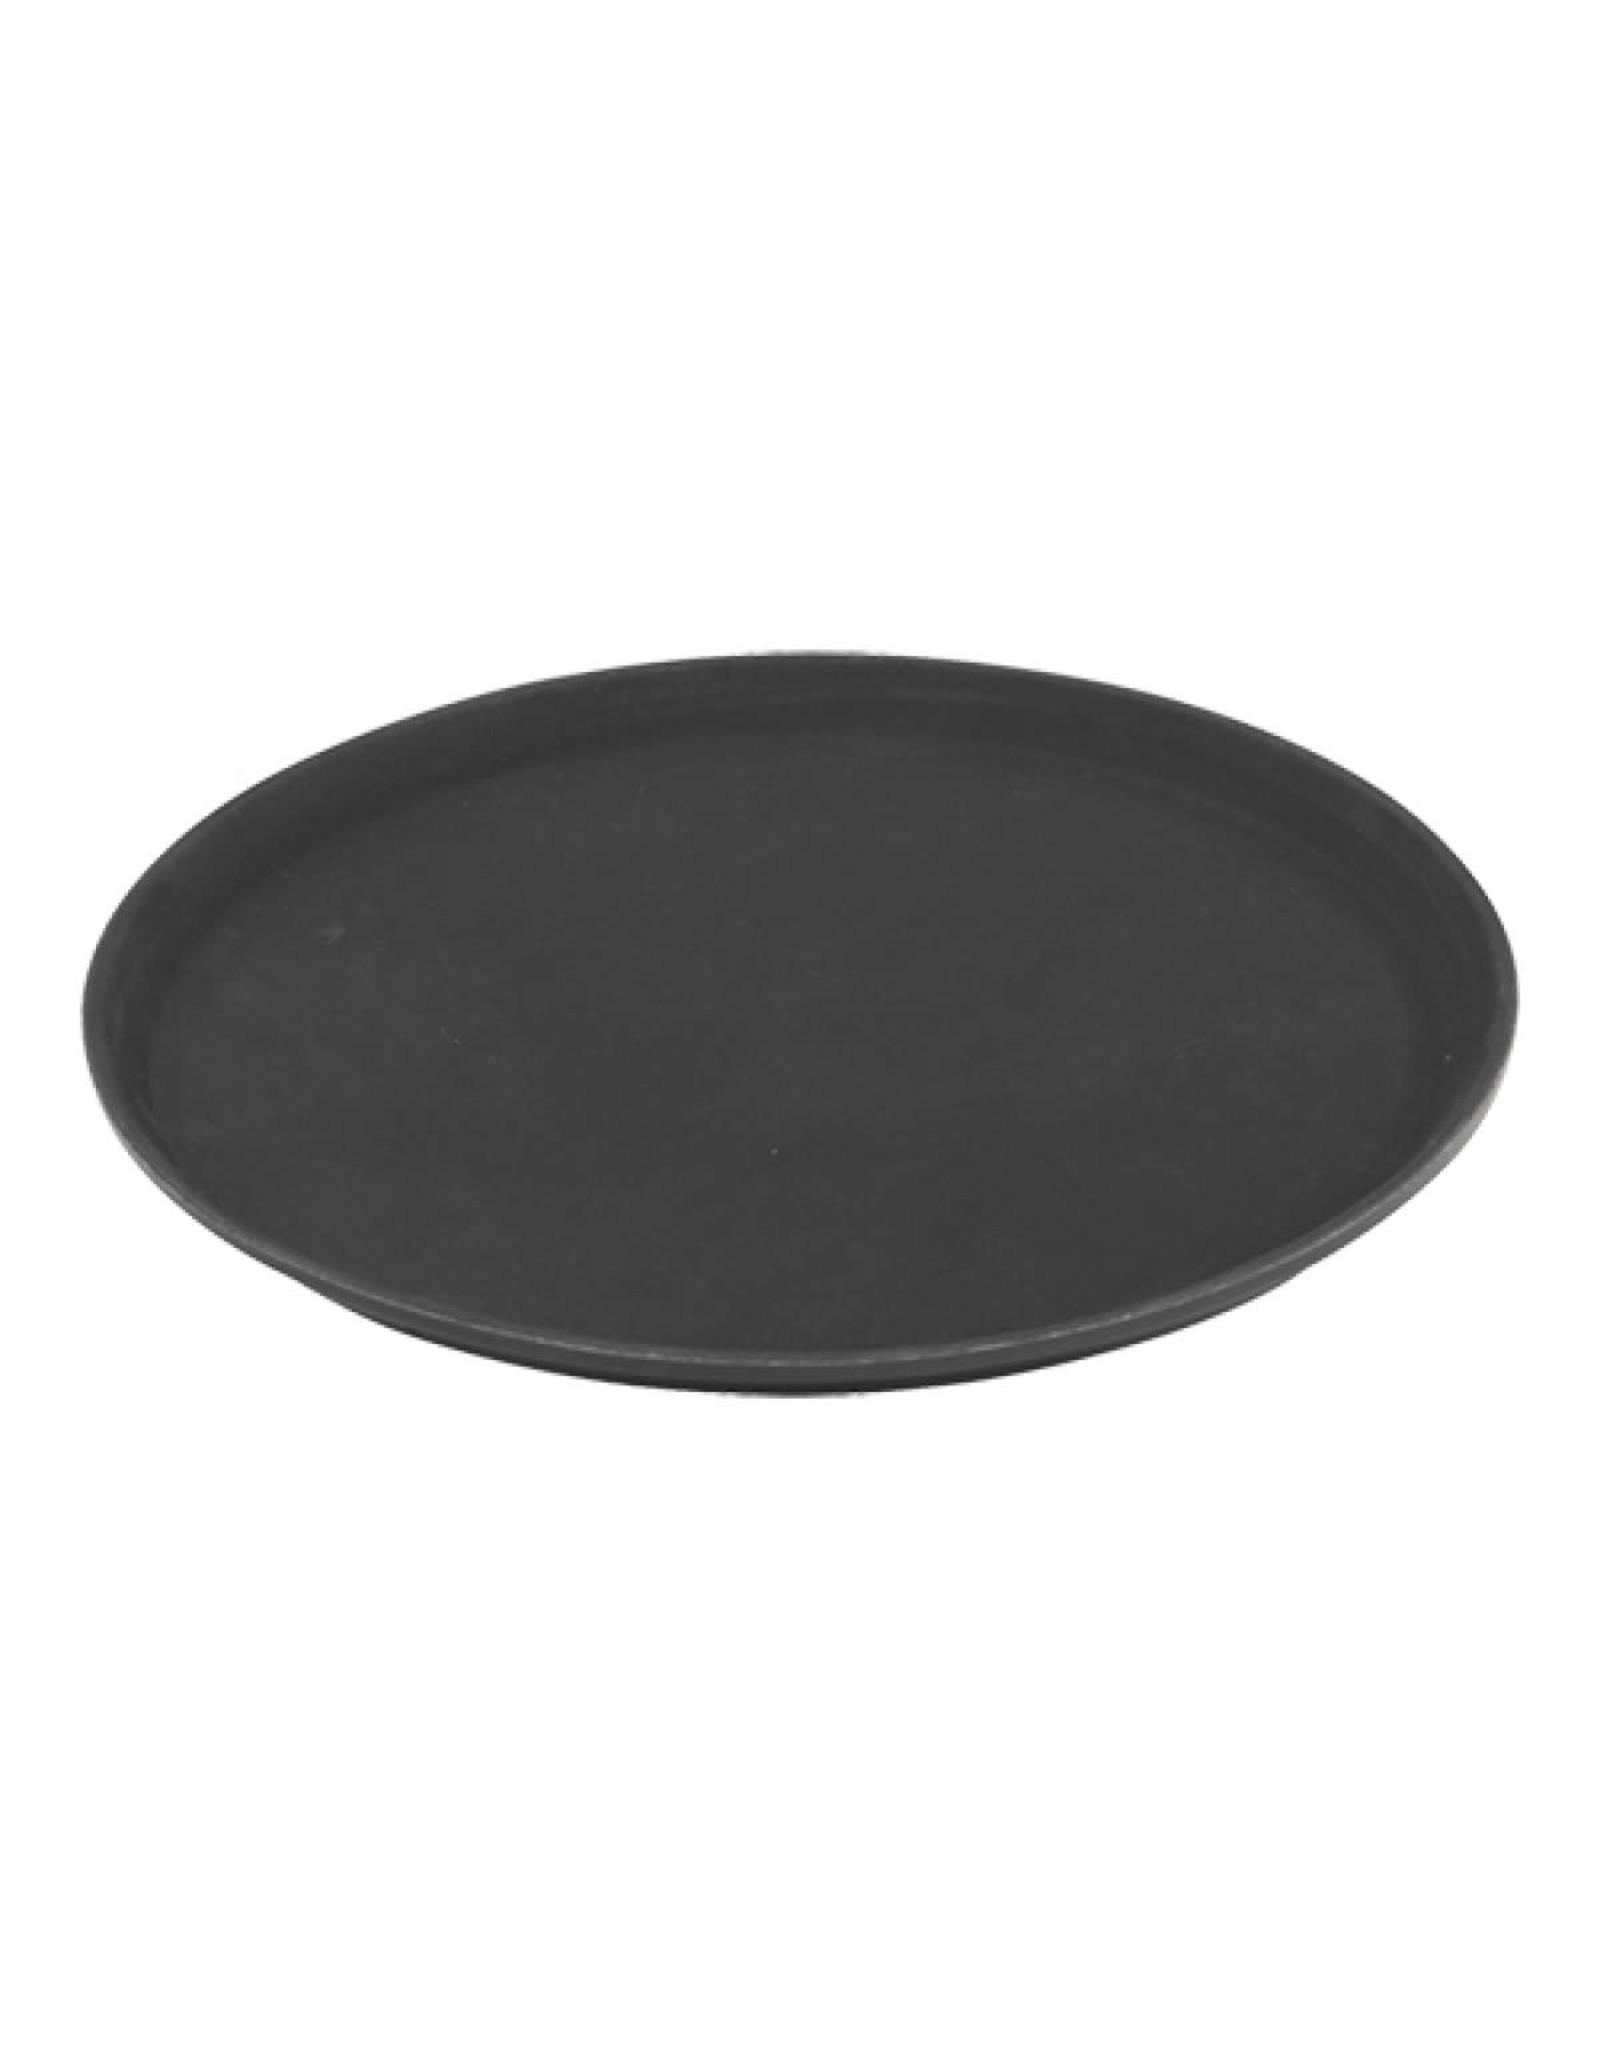 Dienblad anti-slip rond zwart 40cm